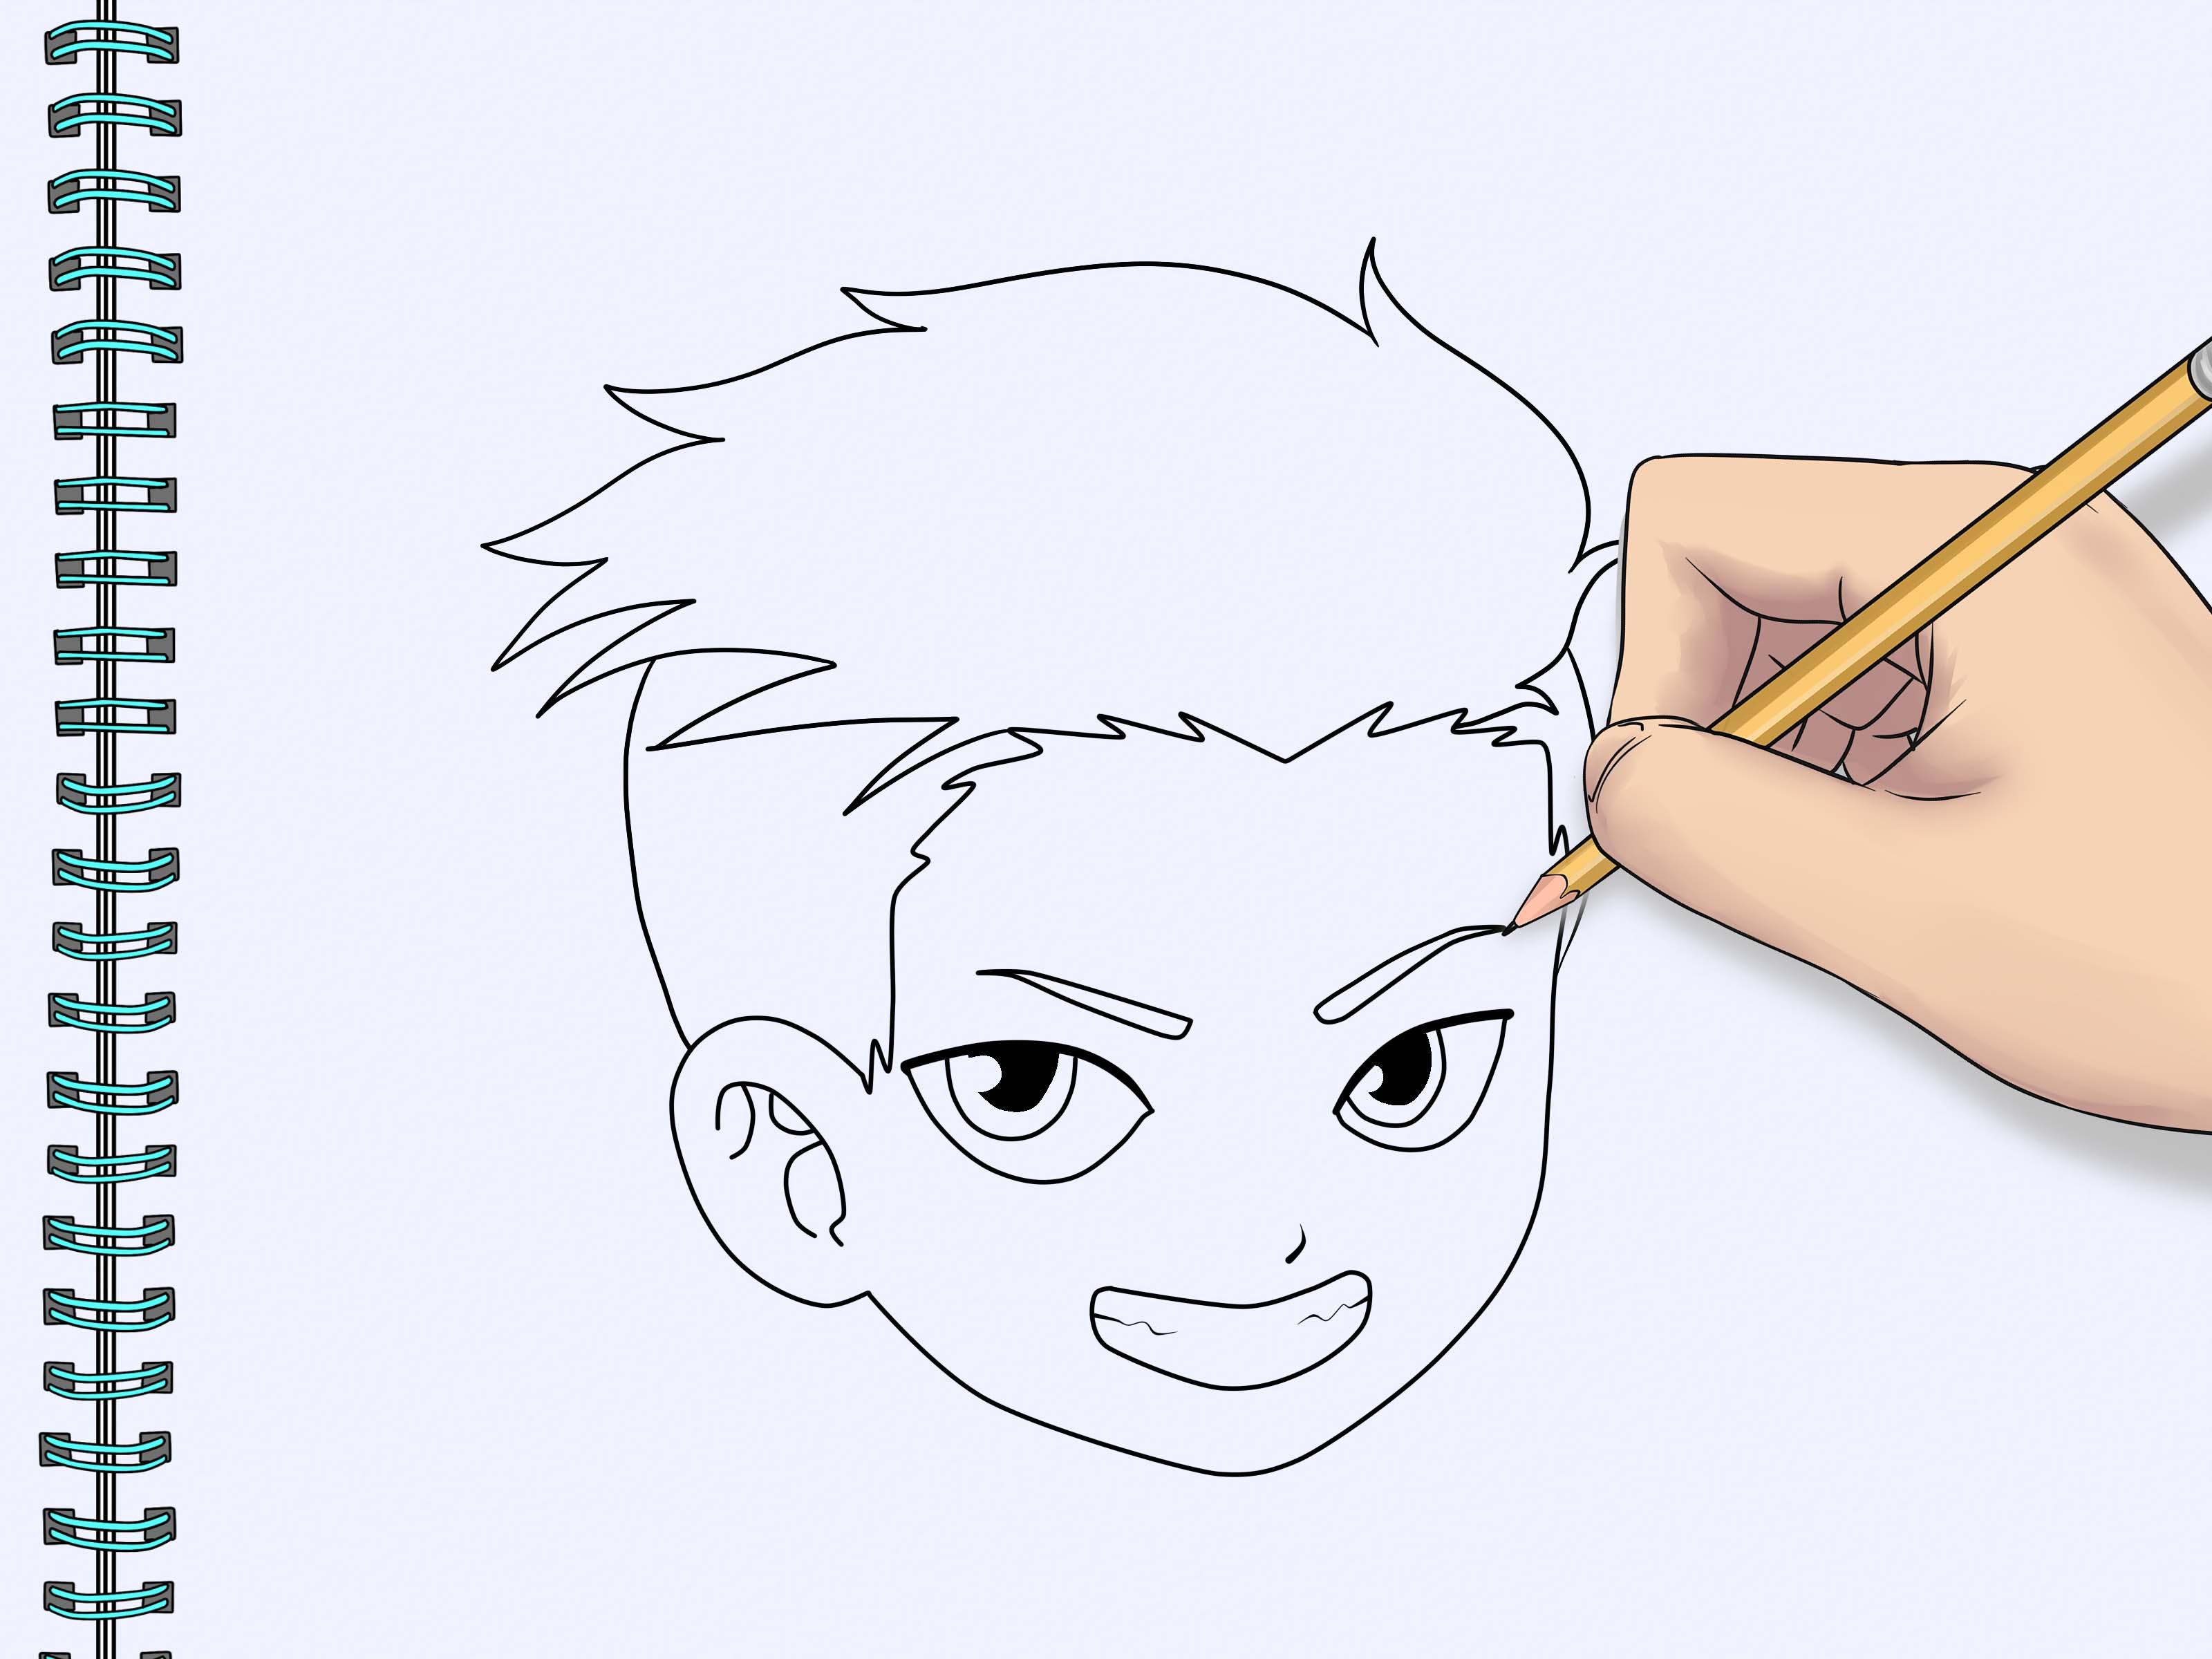 Drawn cartoon Drawing Cartoons cartoons from Khafre